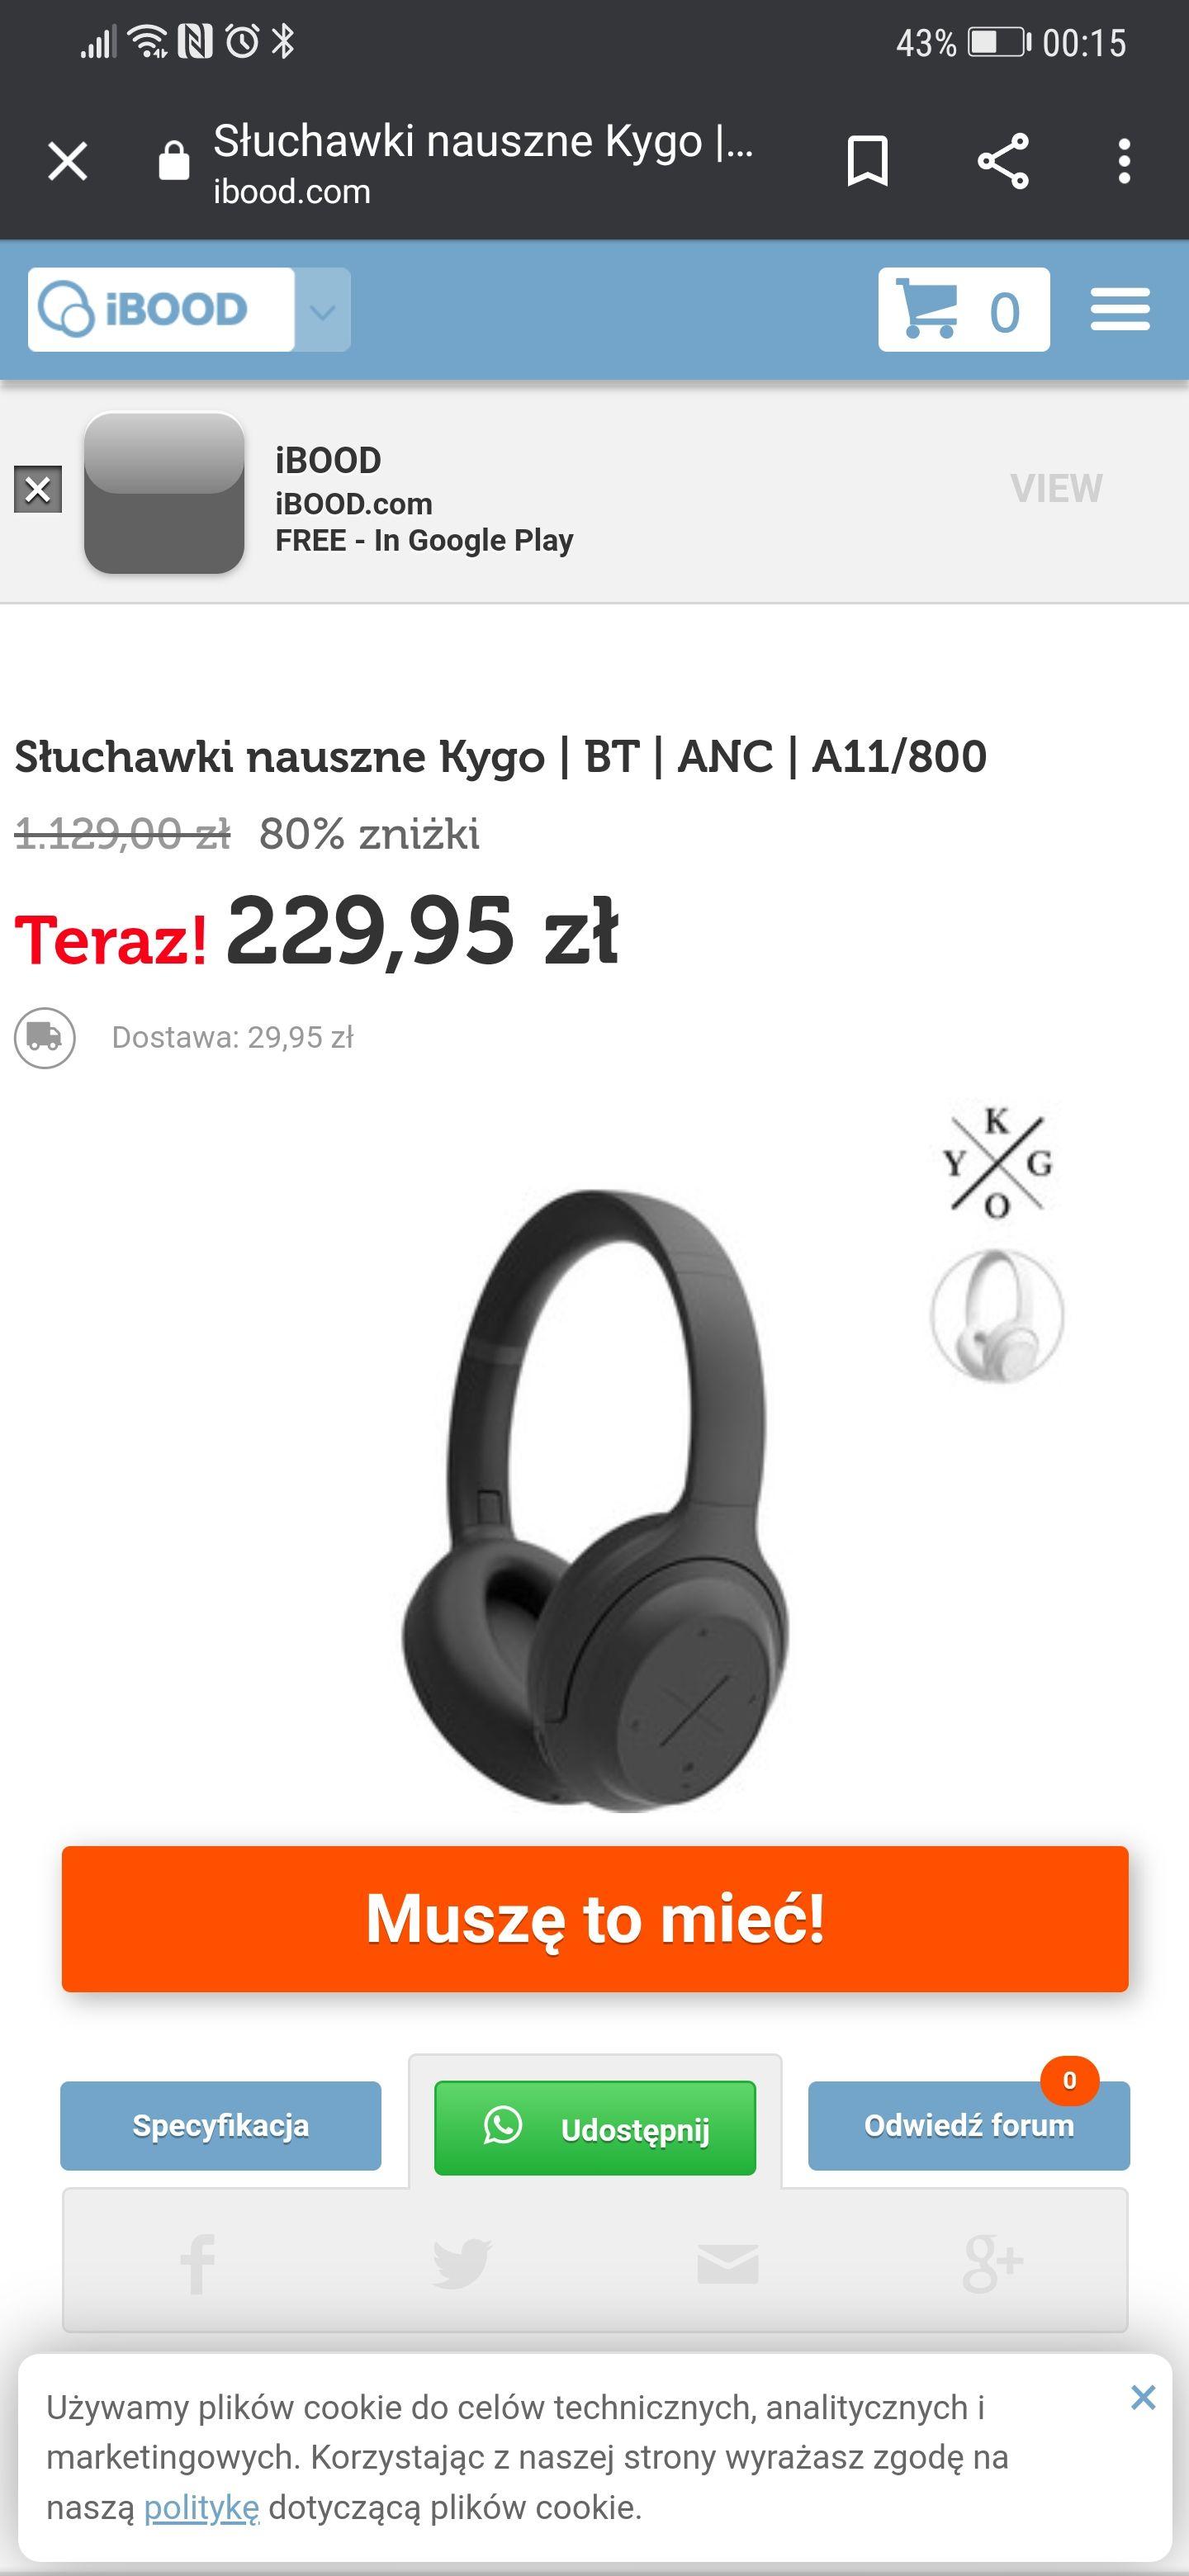 IBOOD - Słuchawki nauszne Kygo | BT | ANC | A11/800